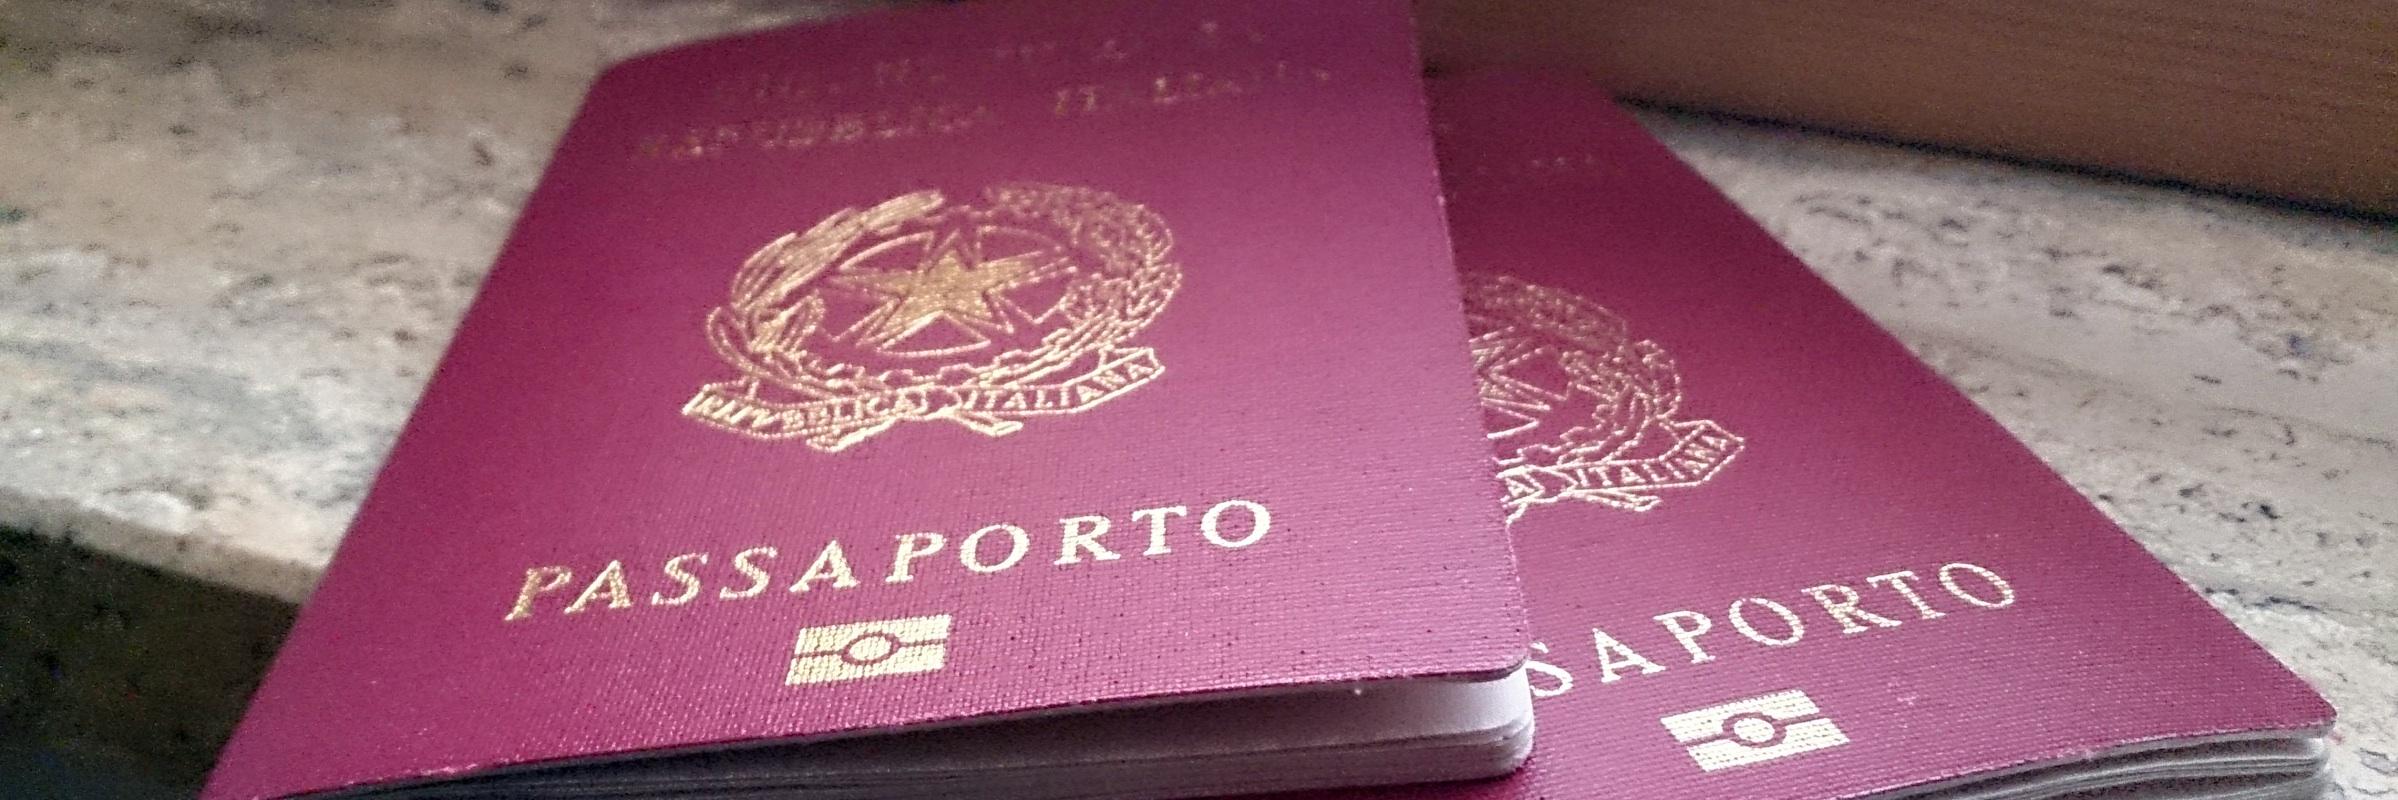 passaporto subito